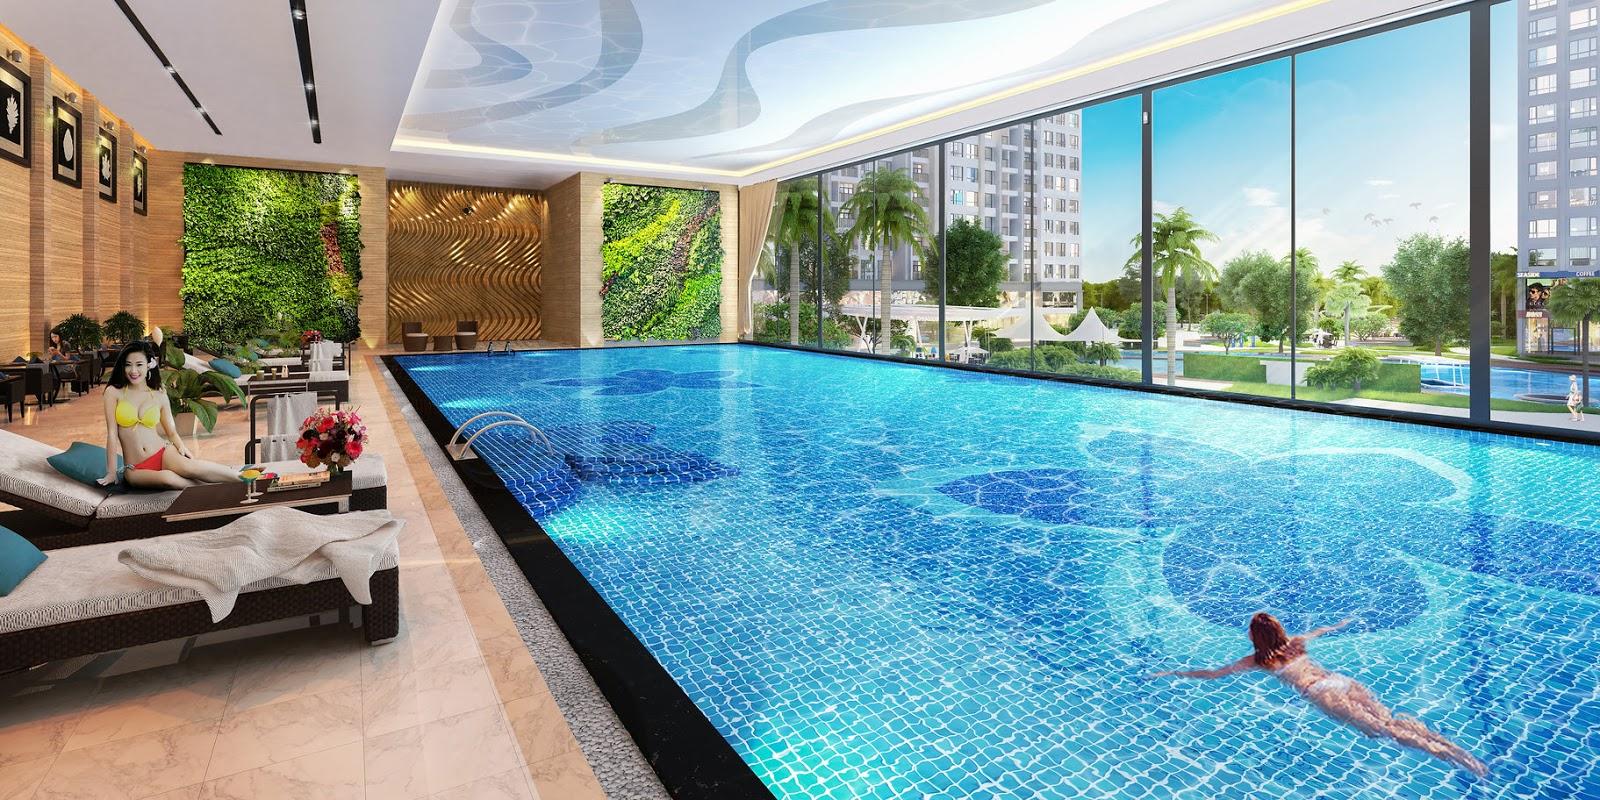 bể bơi bốn mua chung cư minh khai city plaza